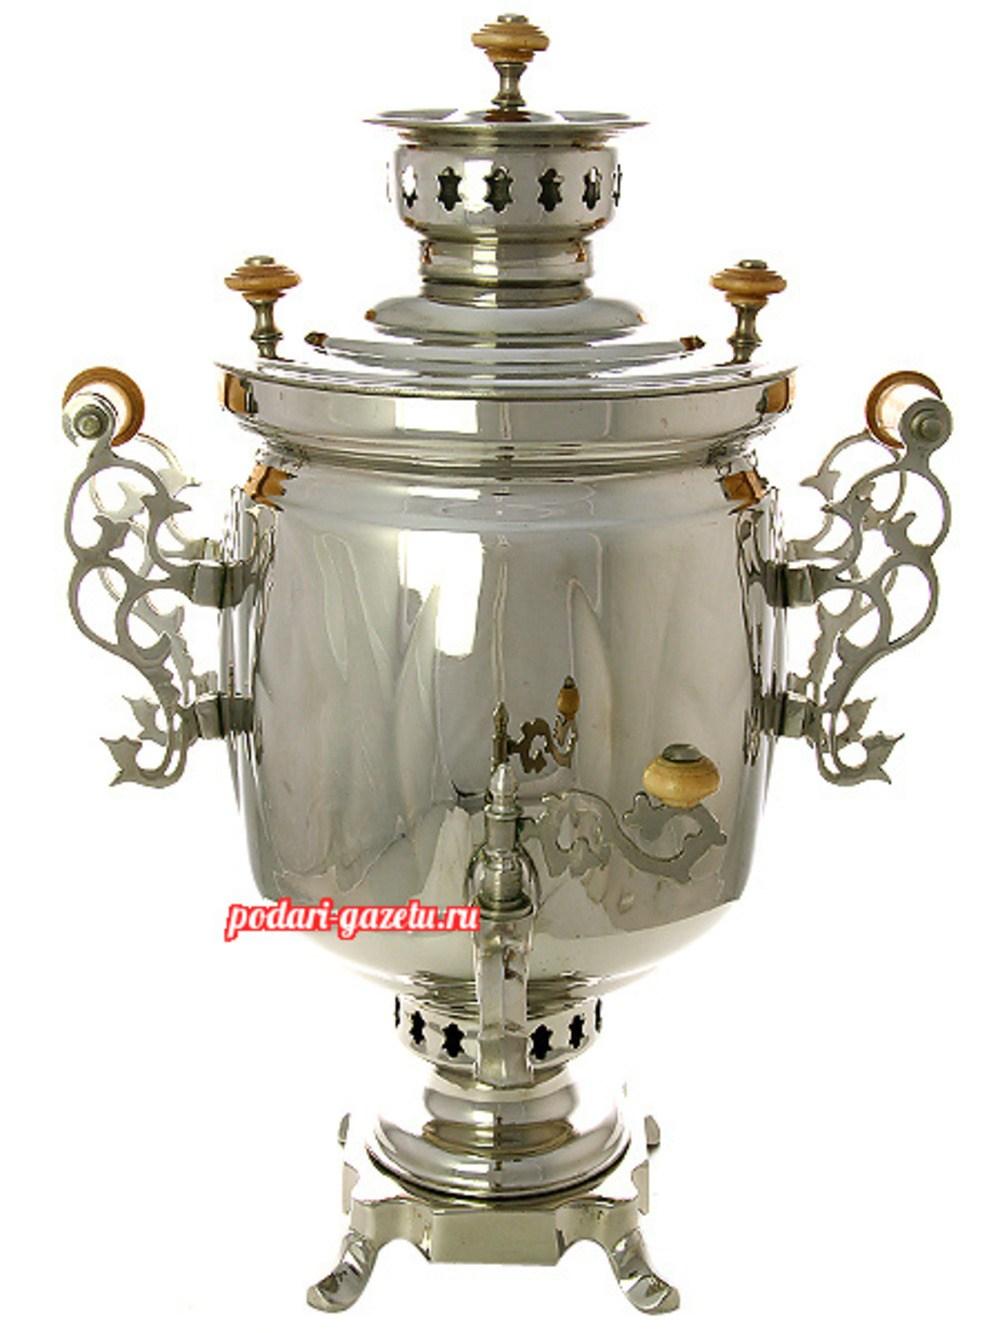 Угольный самовар (жаровый, дровяной) на 5 литров, цилиндр никелированный Листья с ажурными ручками